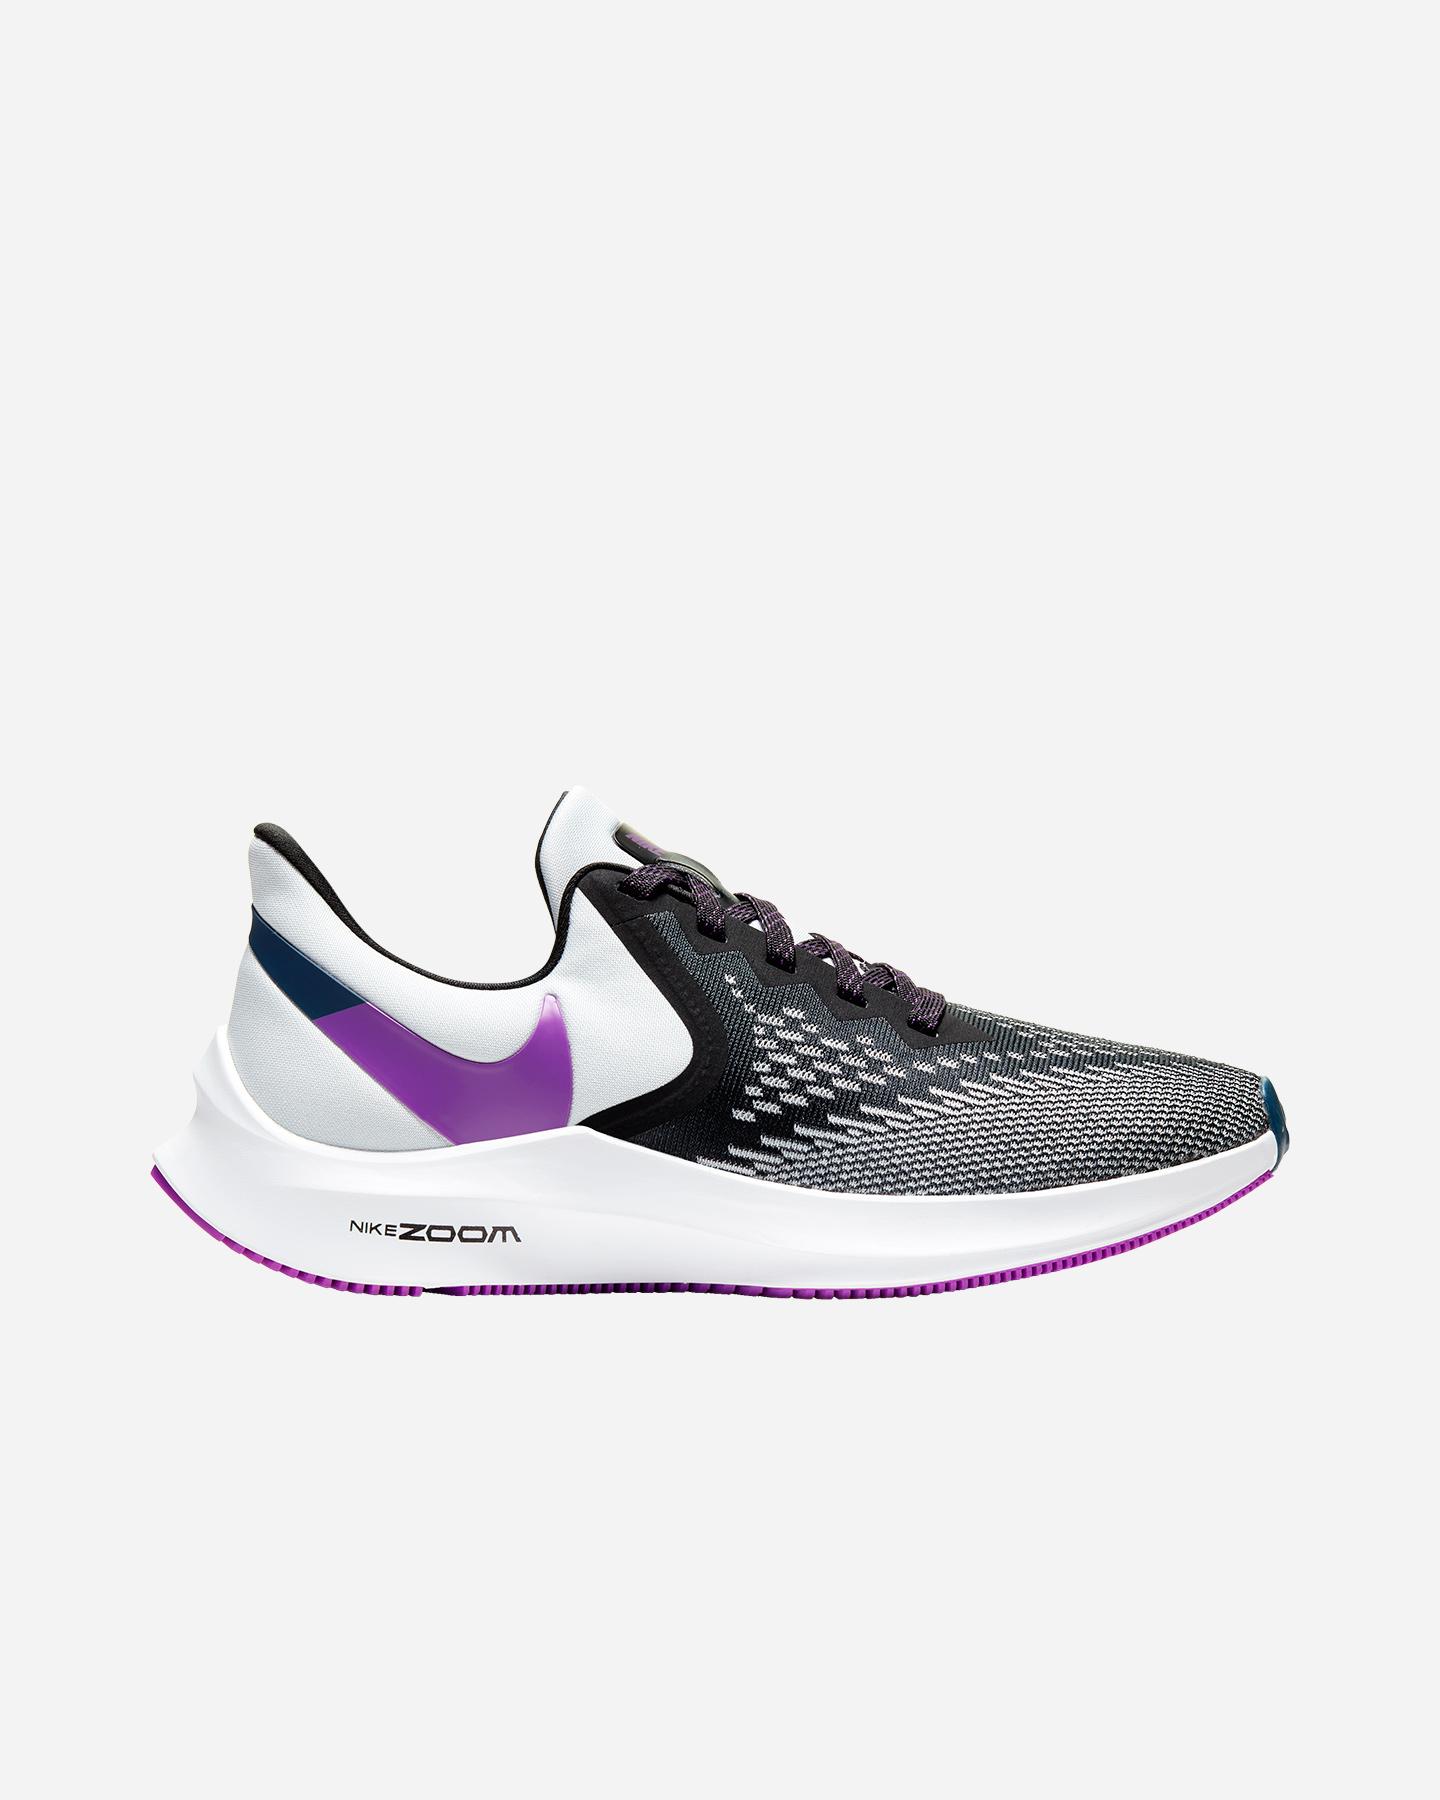 sforzo enorme Di meno  Nike Air Zoom Winflo 6: Caratteristiche - Scarpe Running   Runnea